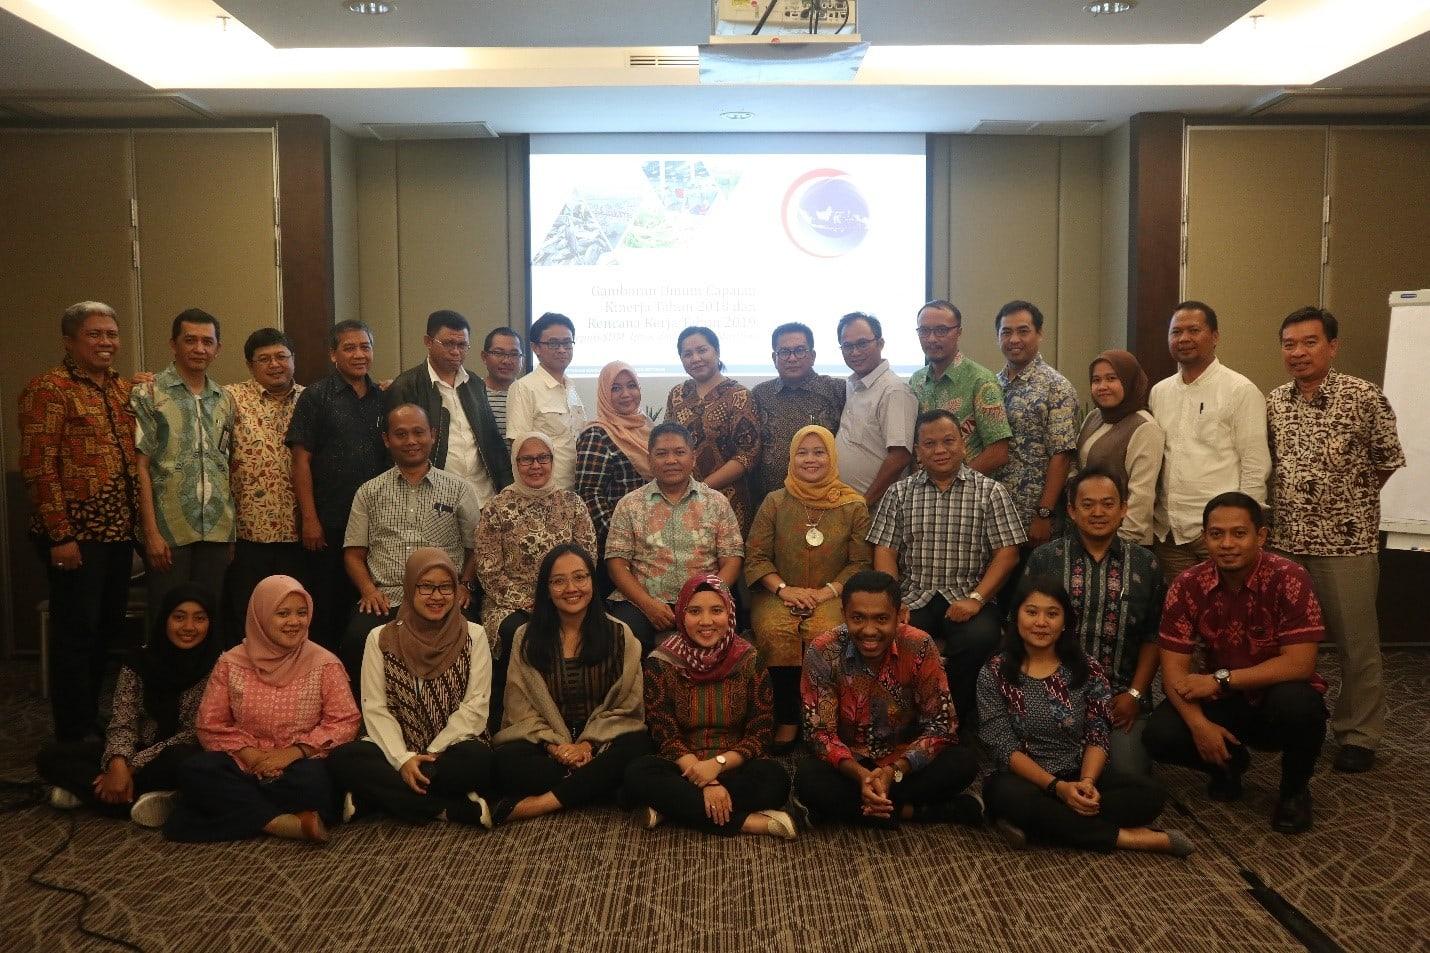 Sambut Tahun 2019, Deputi Bidang Koordinasi SDM, IPTEK dan Budaya Maritim Adakan Rapat Kerja